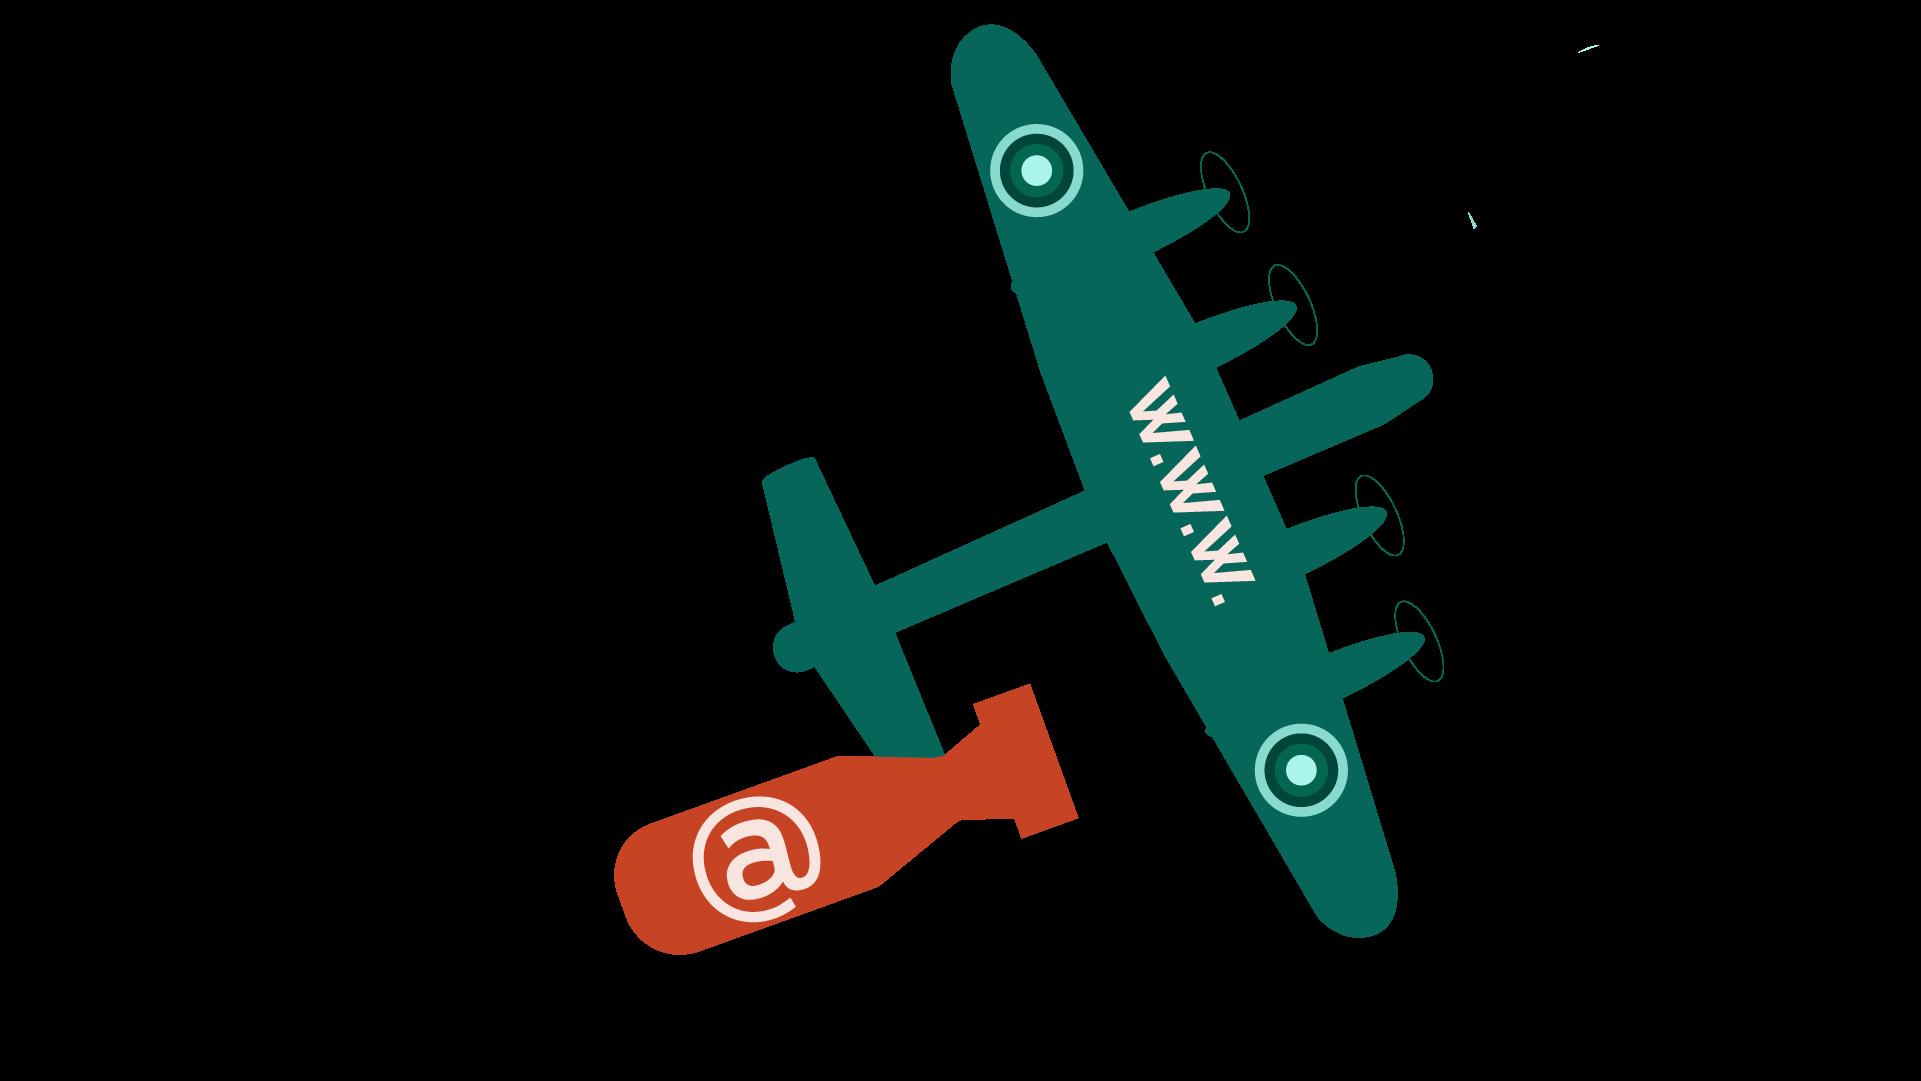 WarPlane dropping email